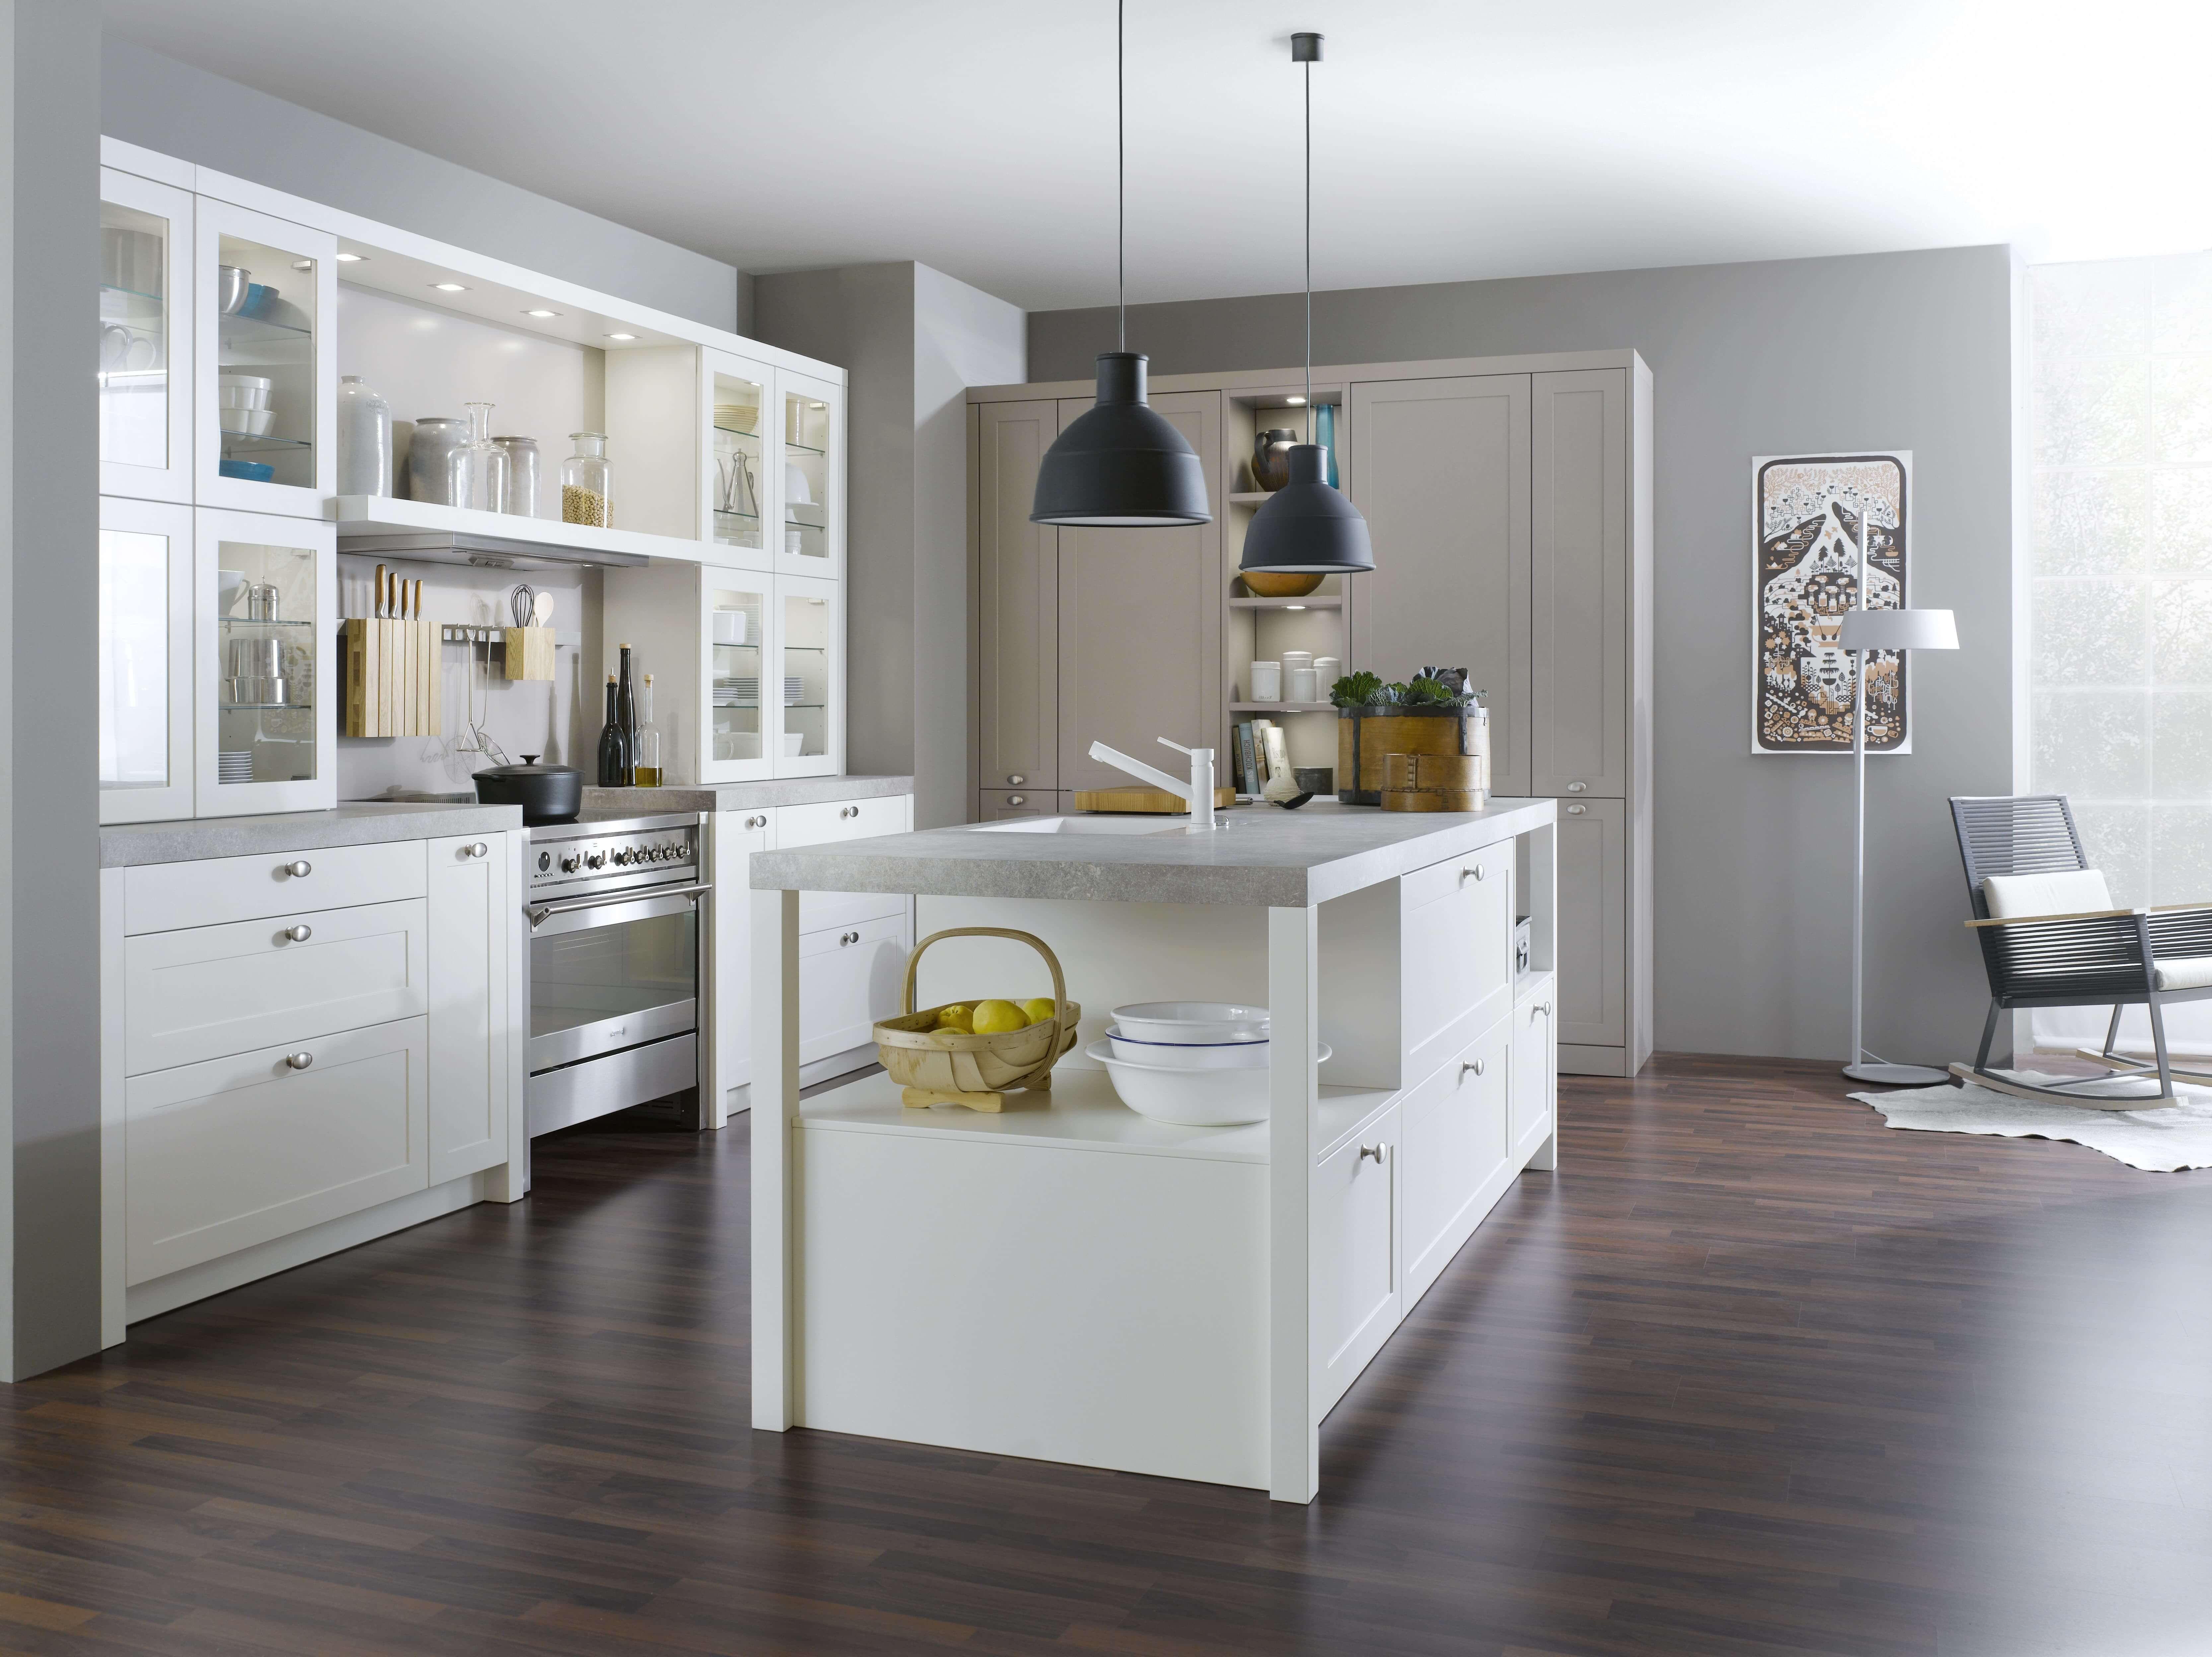 Atemberaubend Weiß Schüttler Küche Fotos - Ideen Für Die Küche ...